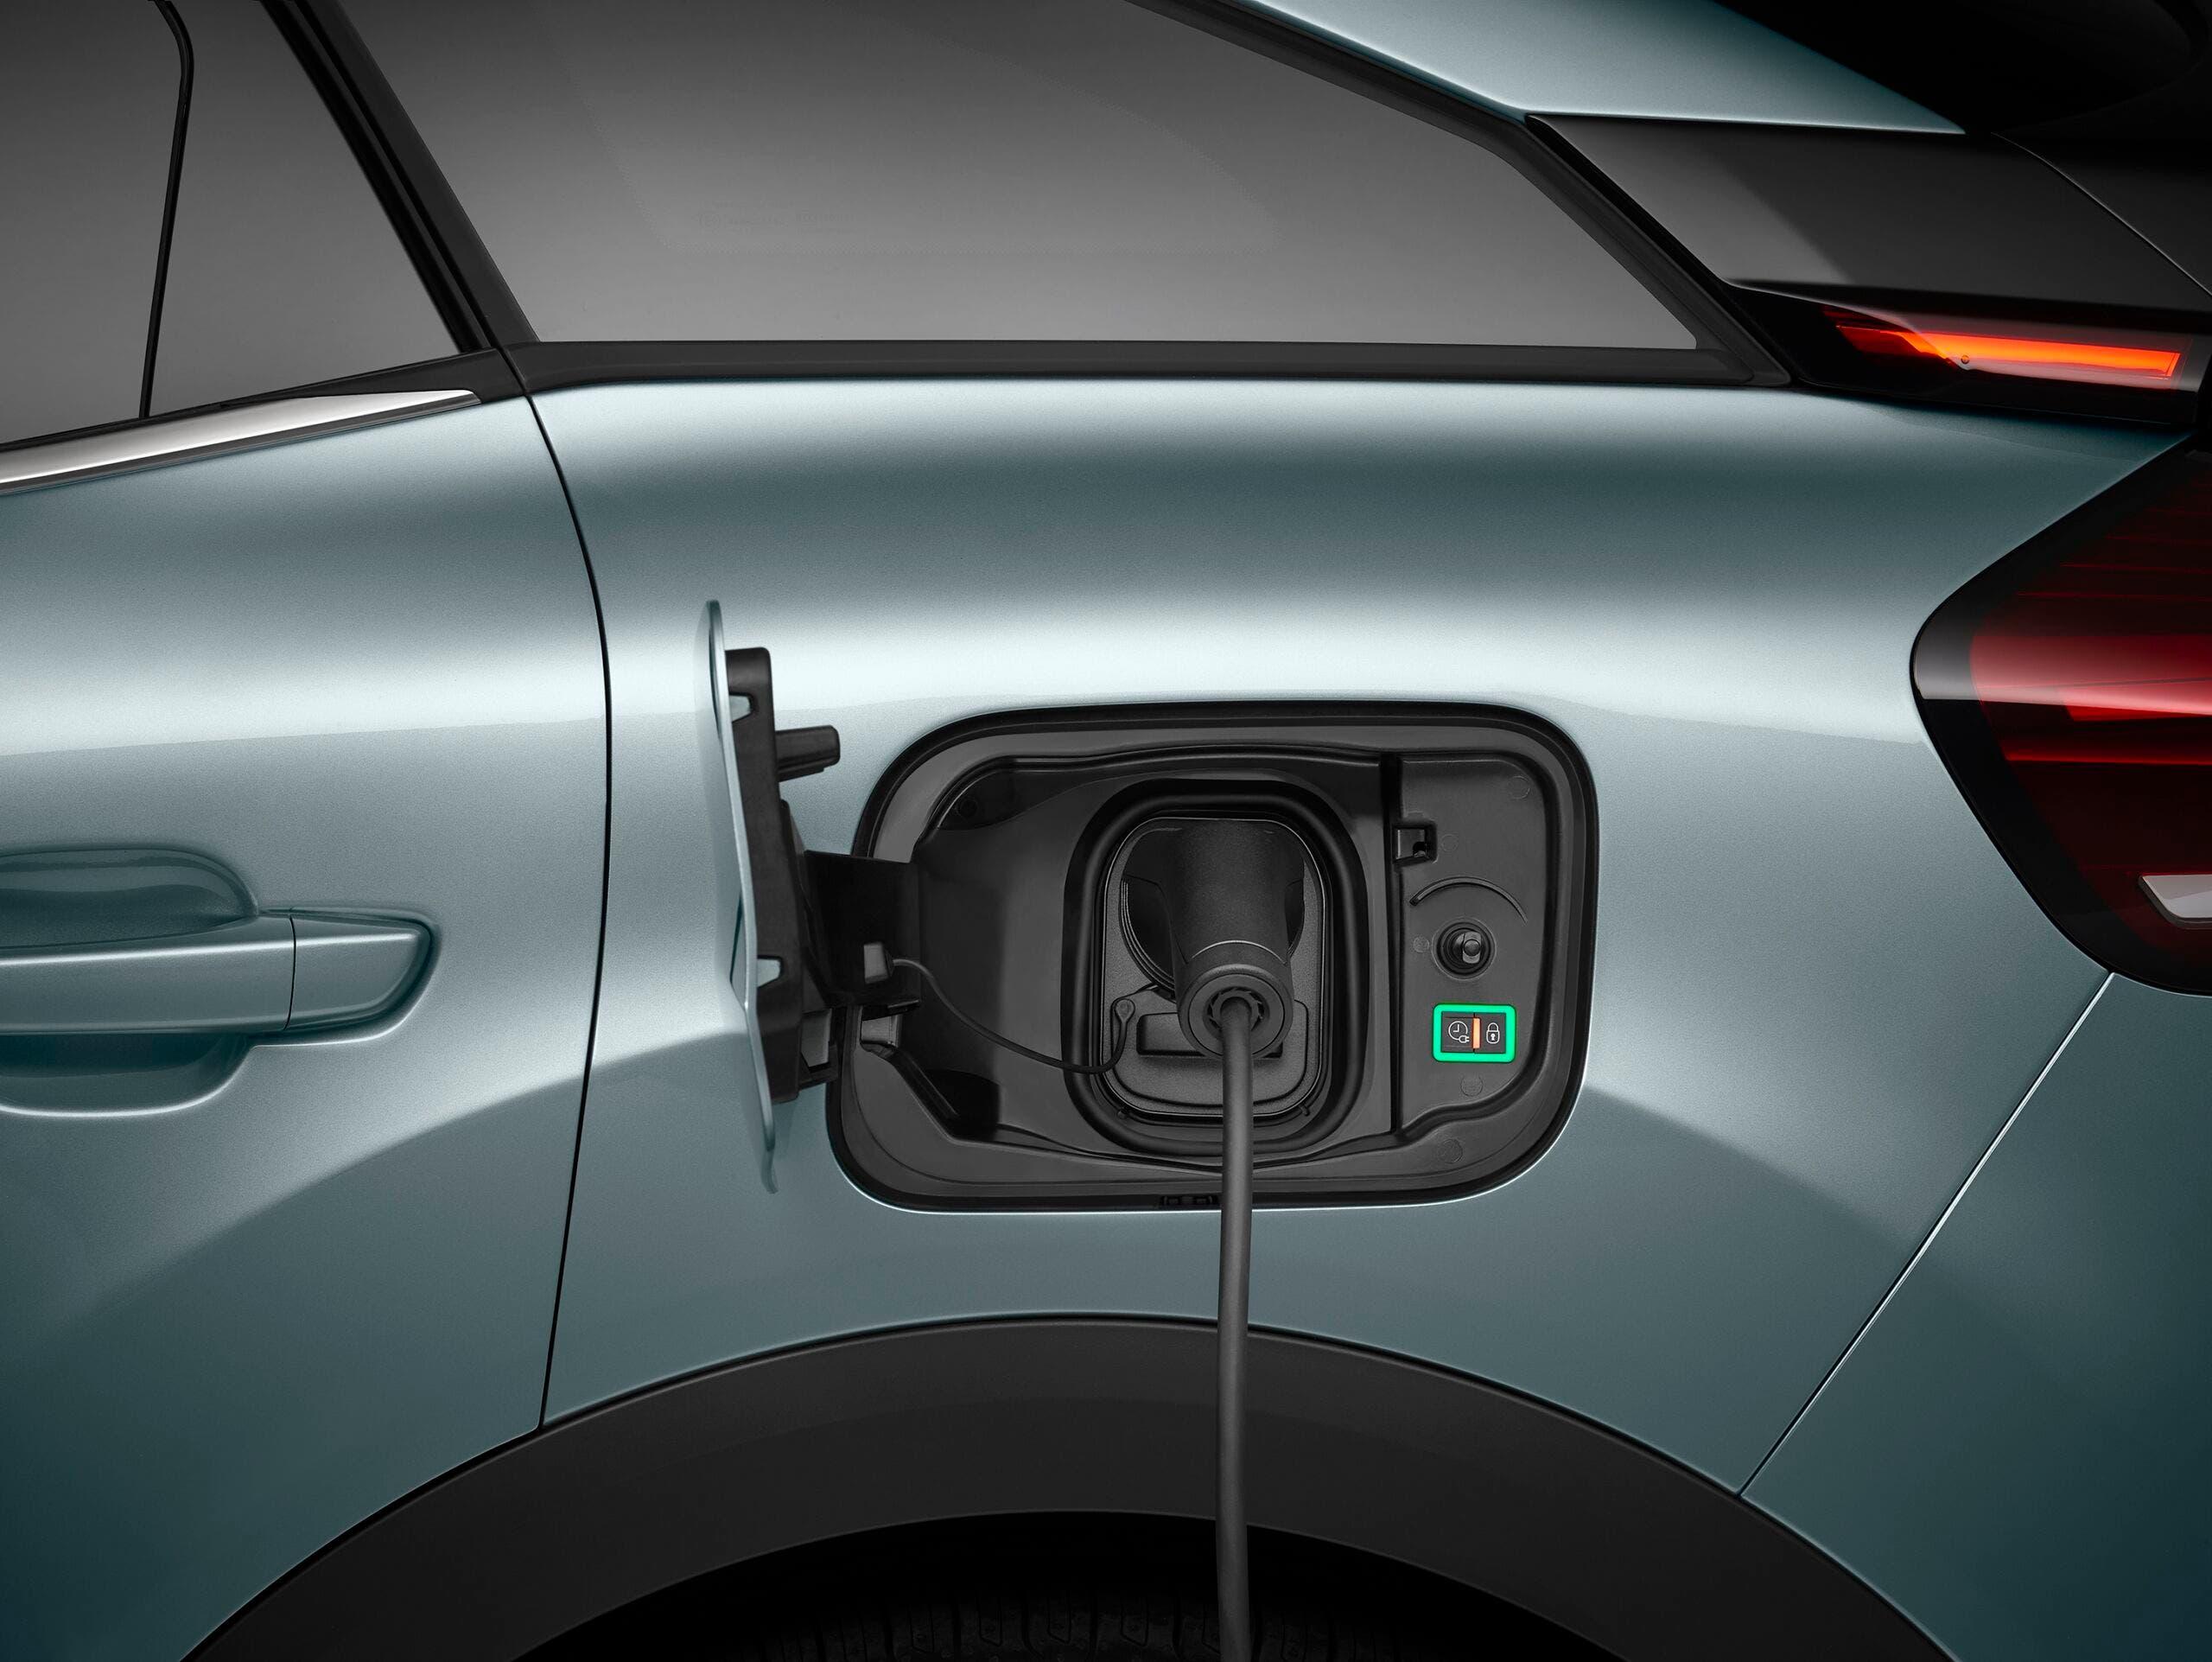 Citroën e-C4 app MyCitroën